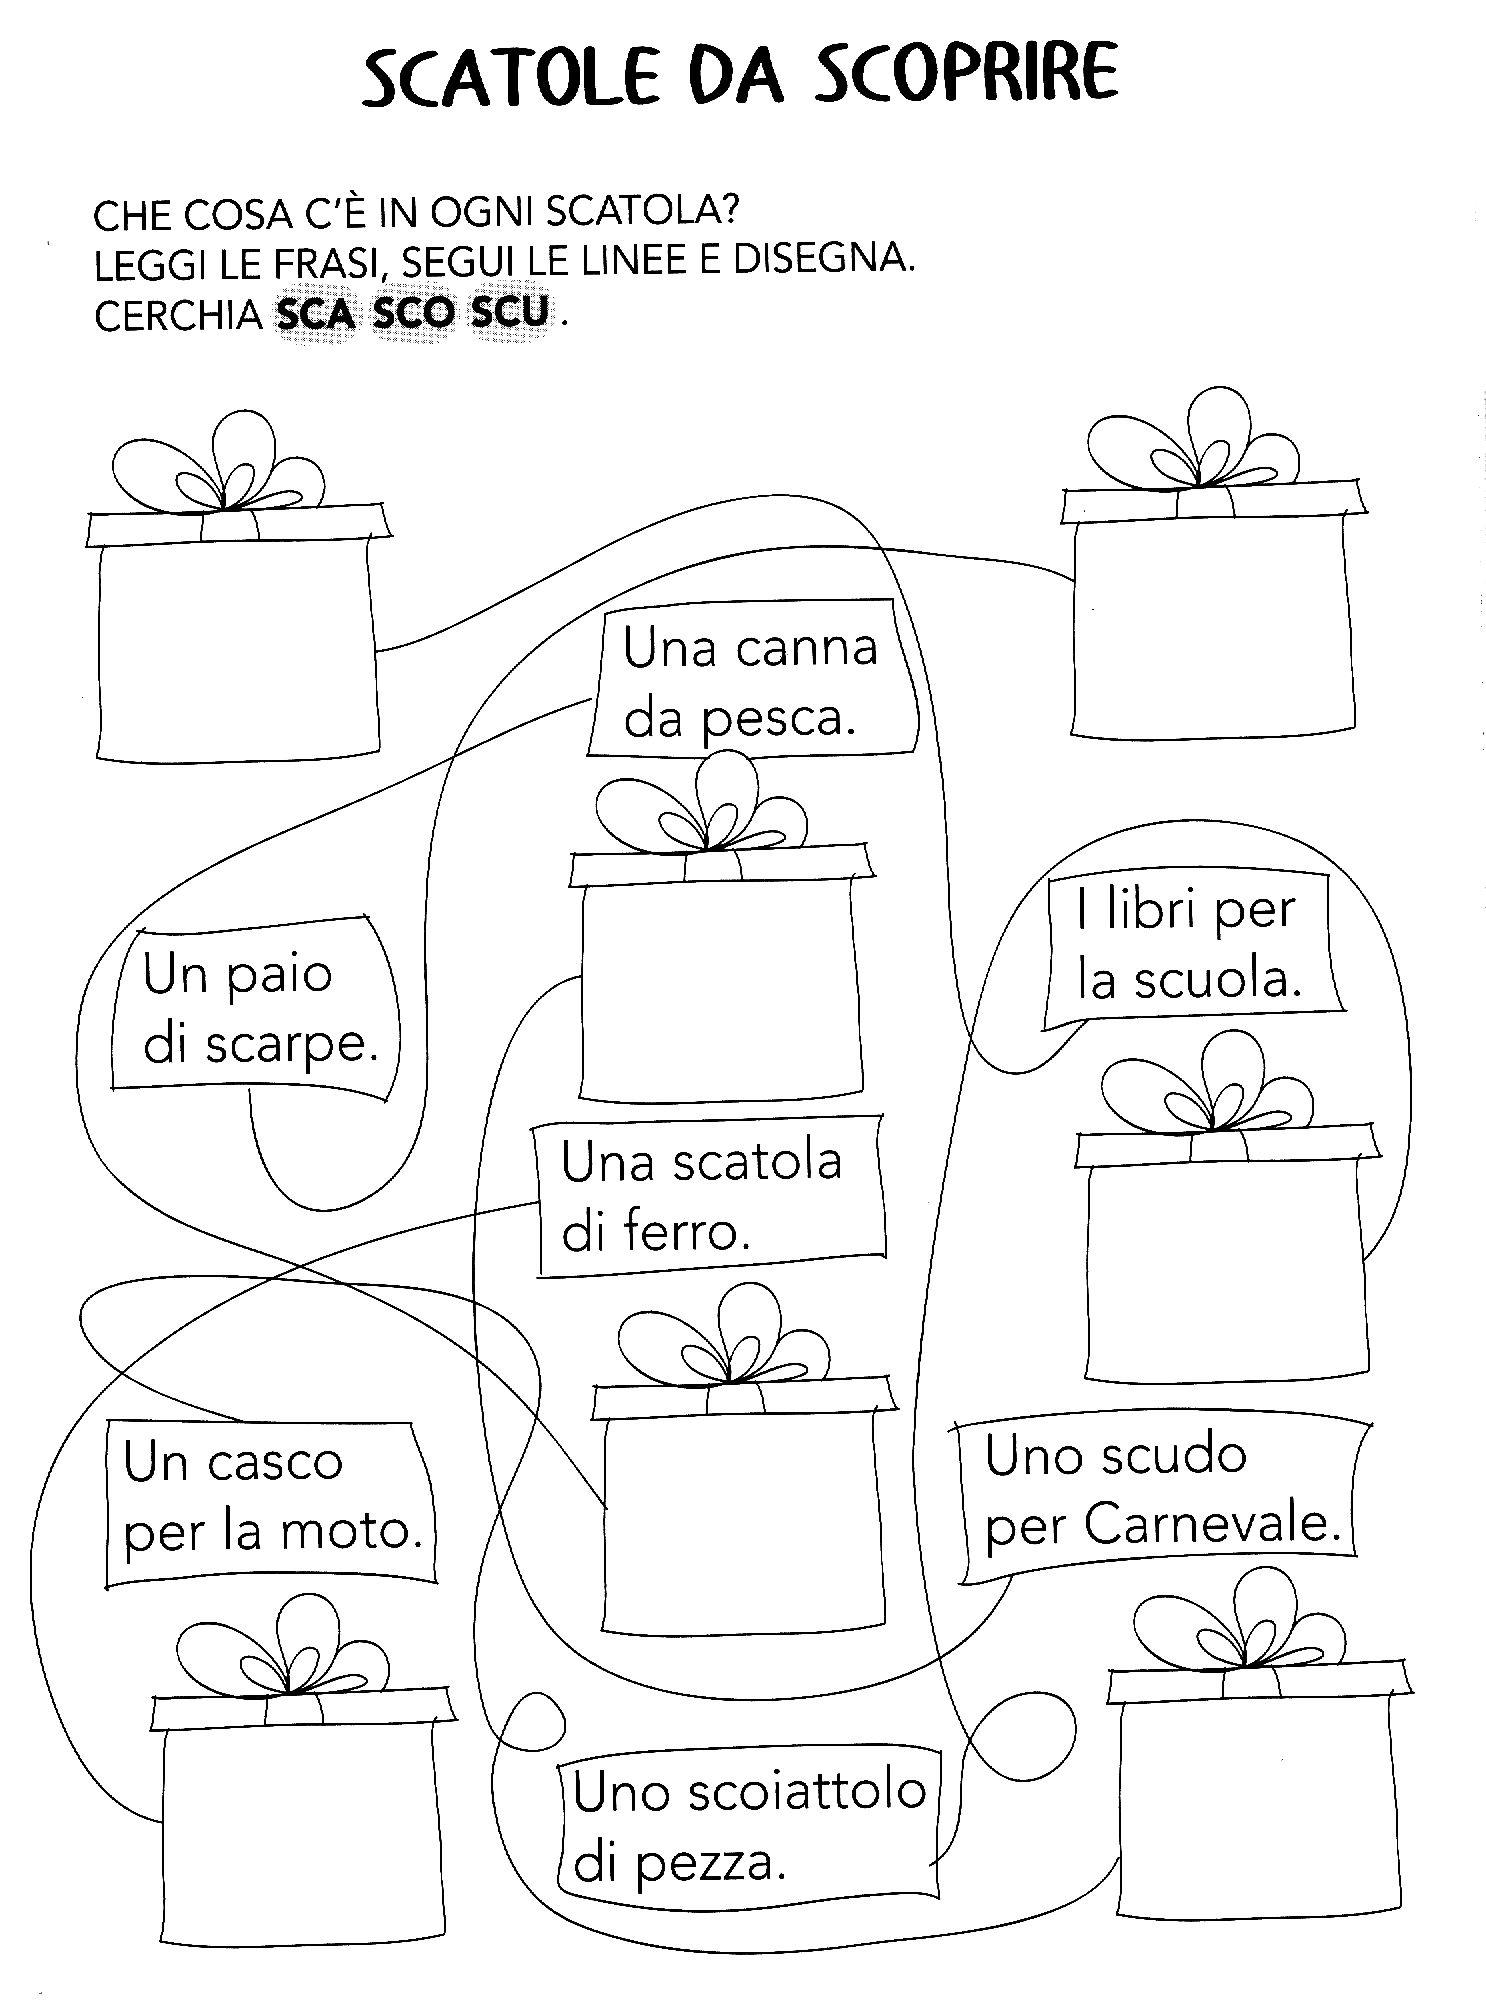 Sca sco scu ortografia primo ciclo pinterest for Dettato con sca sco scu